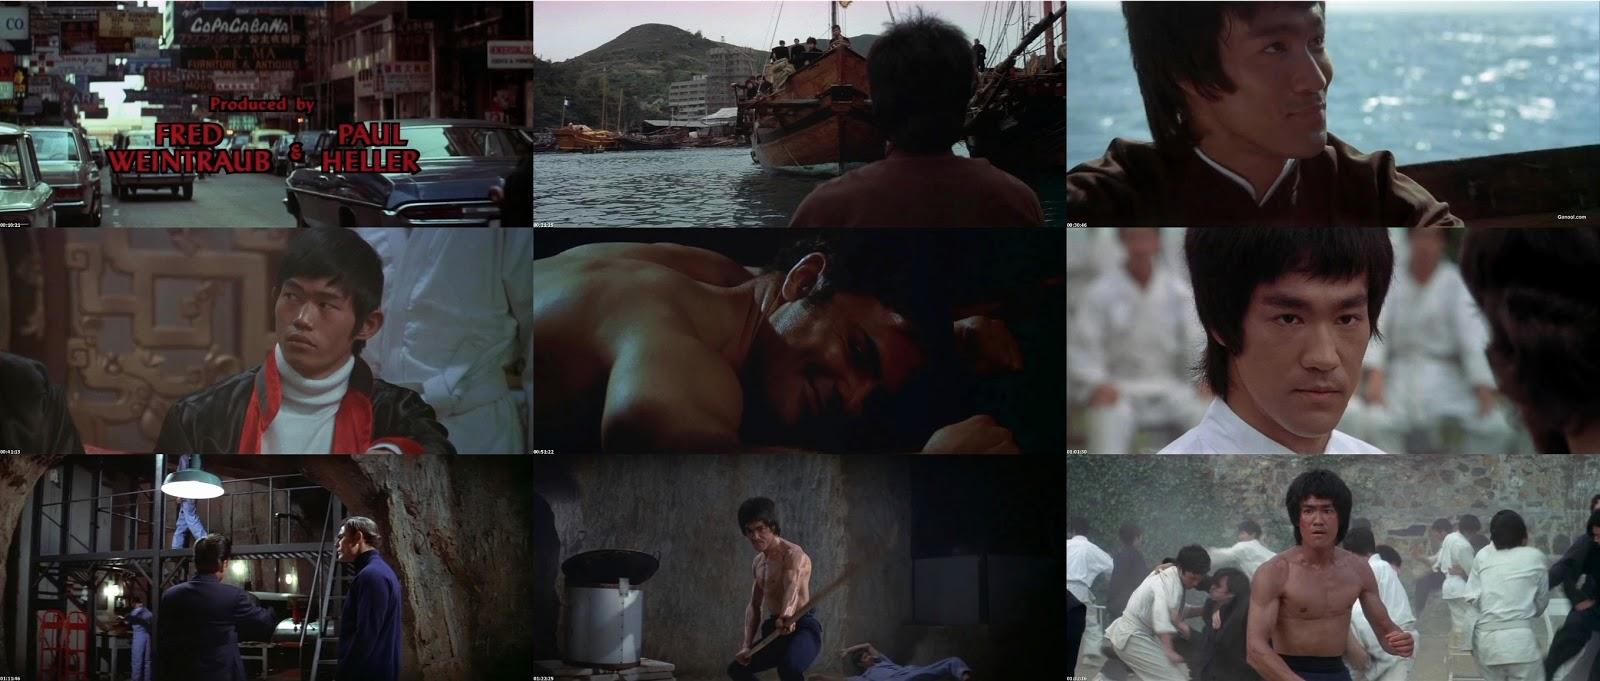 movie screenshot of Enter The Dragon fdmovie.com